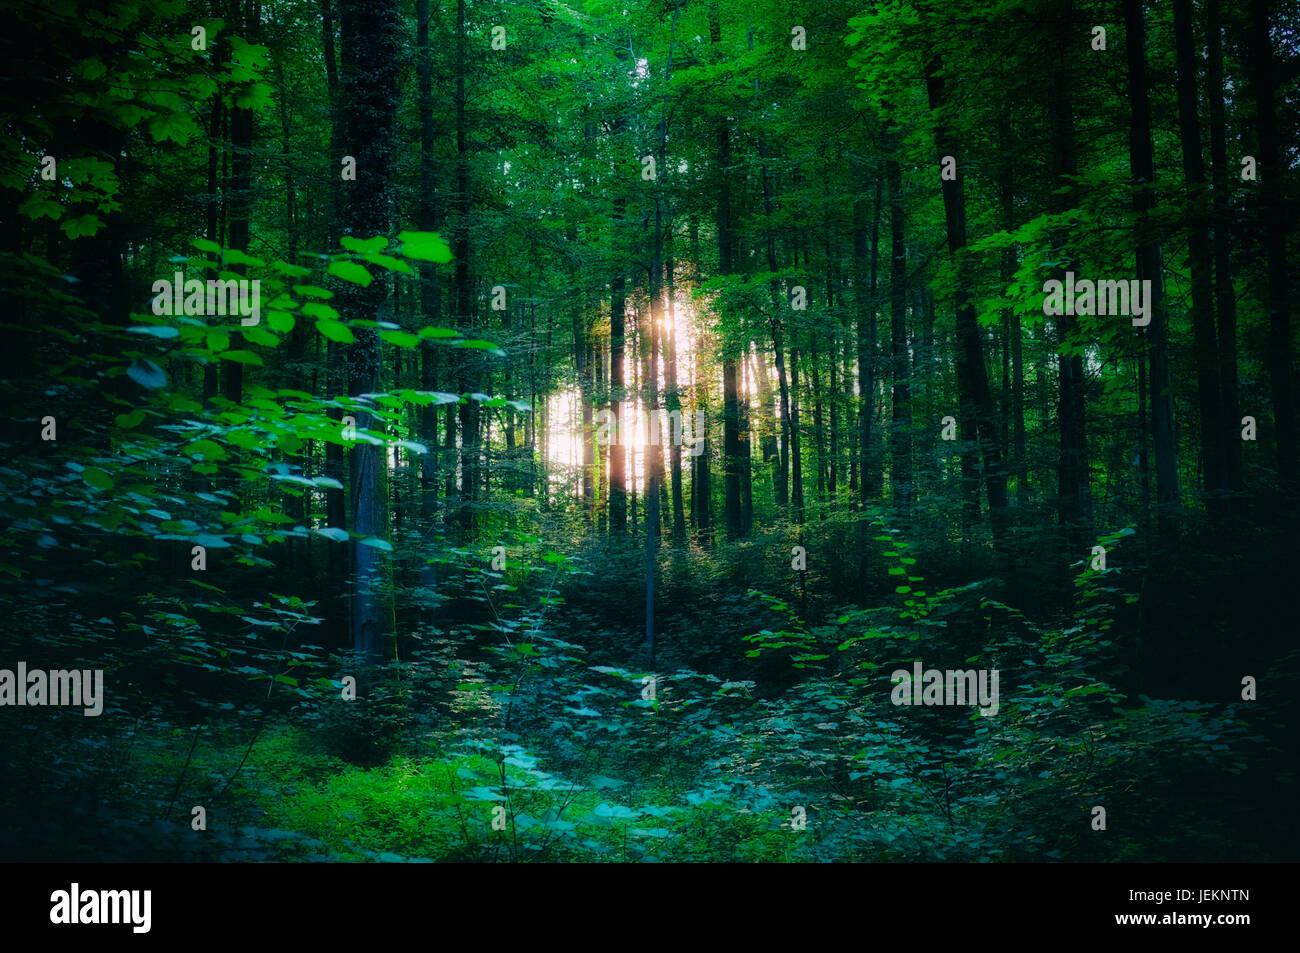 Luce che risplende attraverso gli alberi nei boschi Immagini Stock